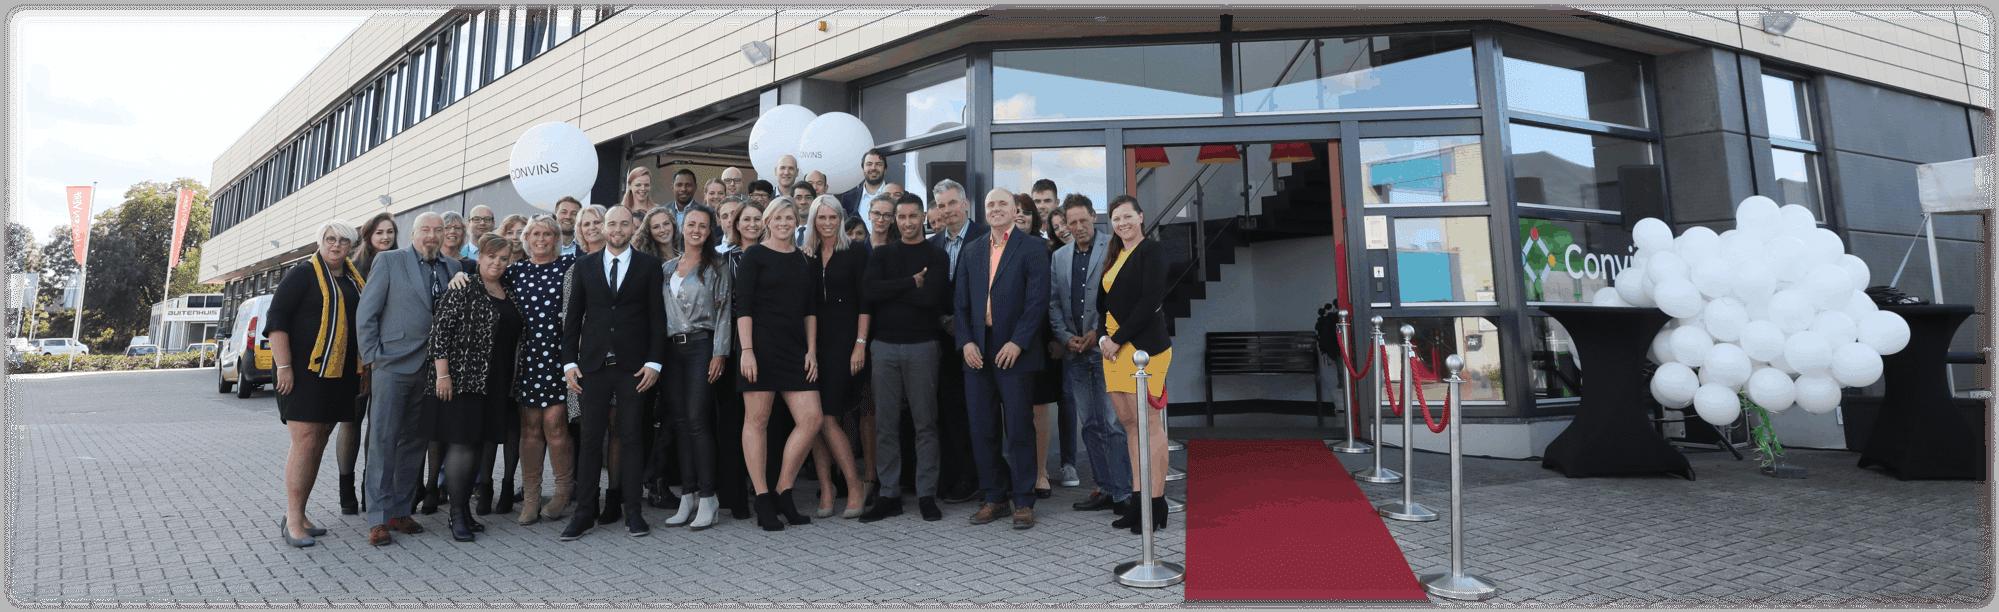 Opening nieuw kantoor | Convins